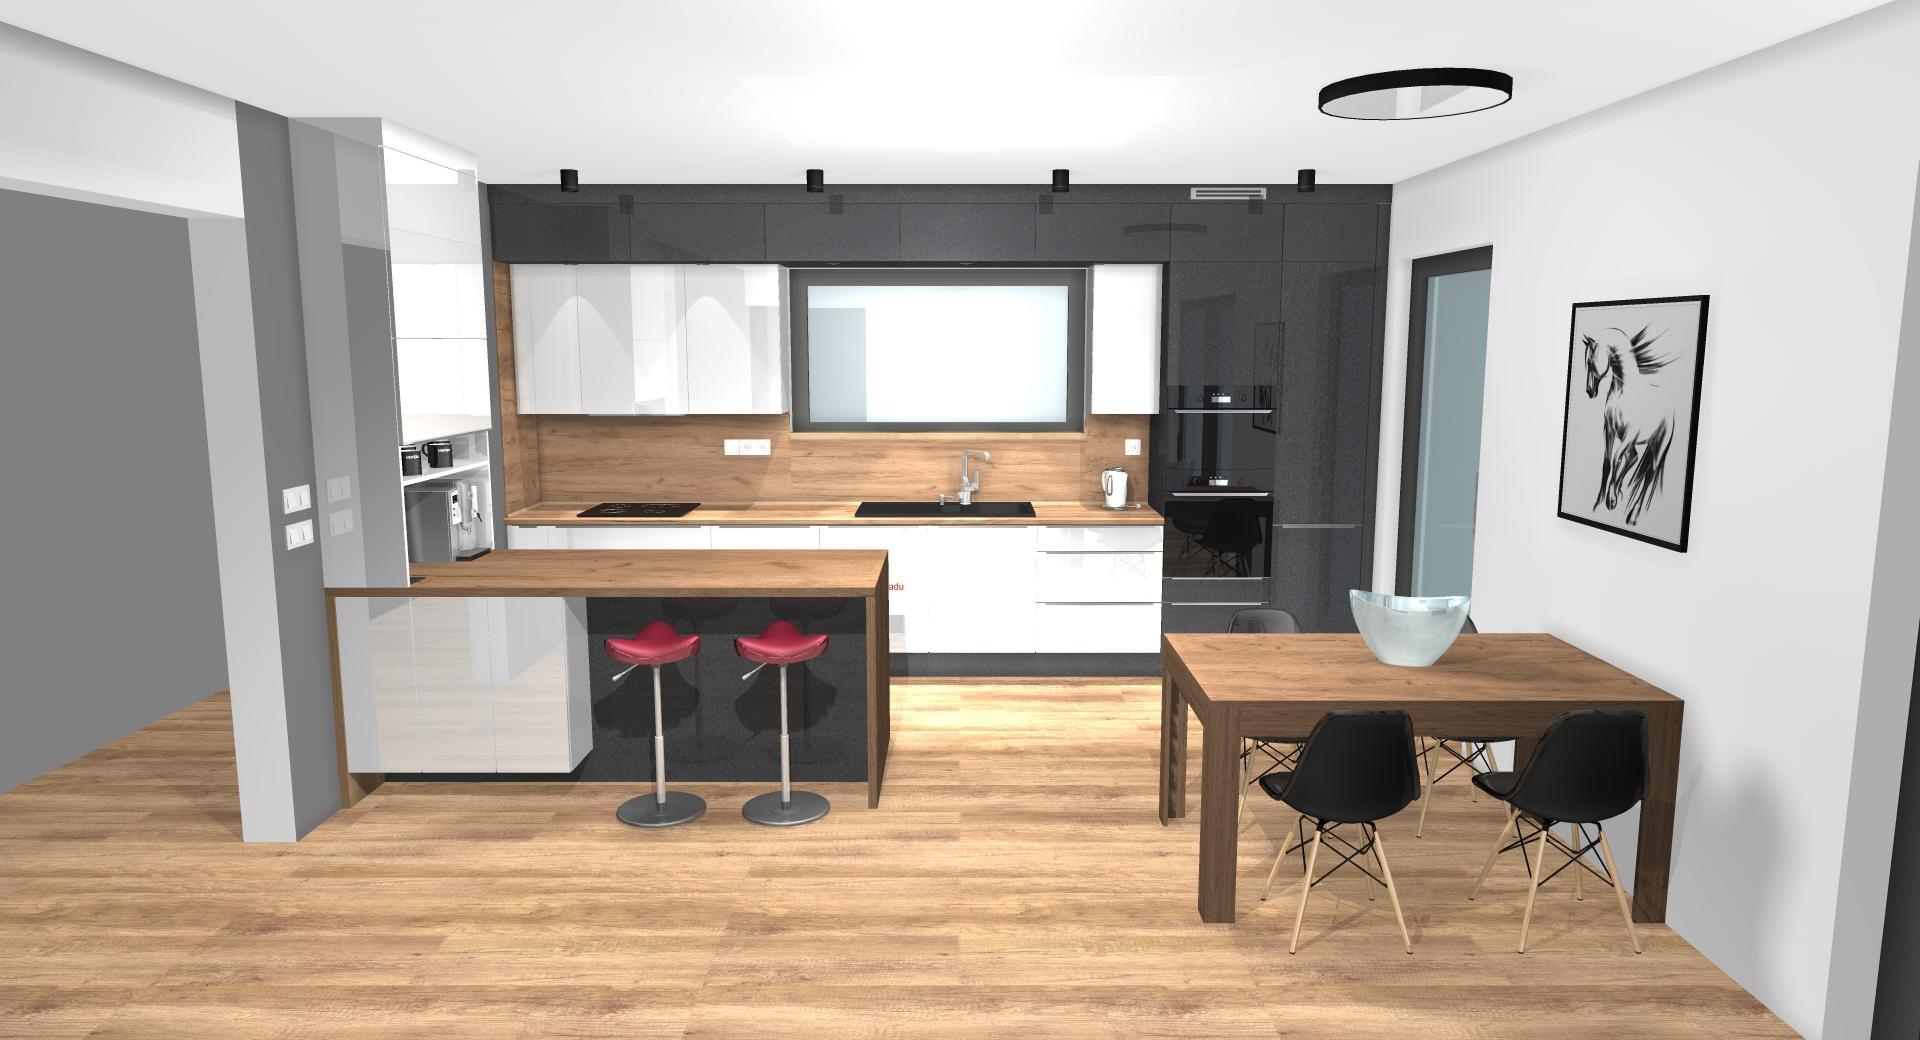 Grafické návrhy kuchynských liniek 2020 - Grafický návrh kuchynskej linky do rodinného domu v Zv - obr.1